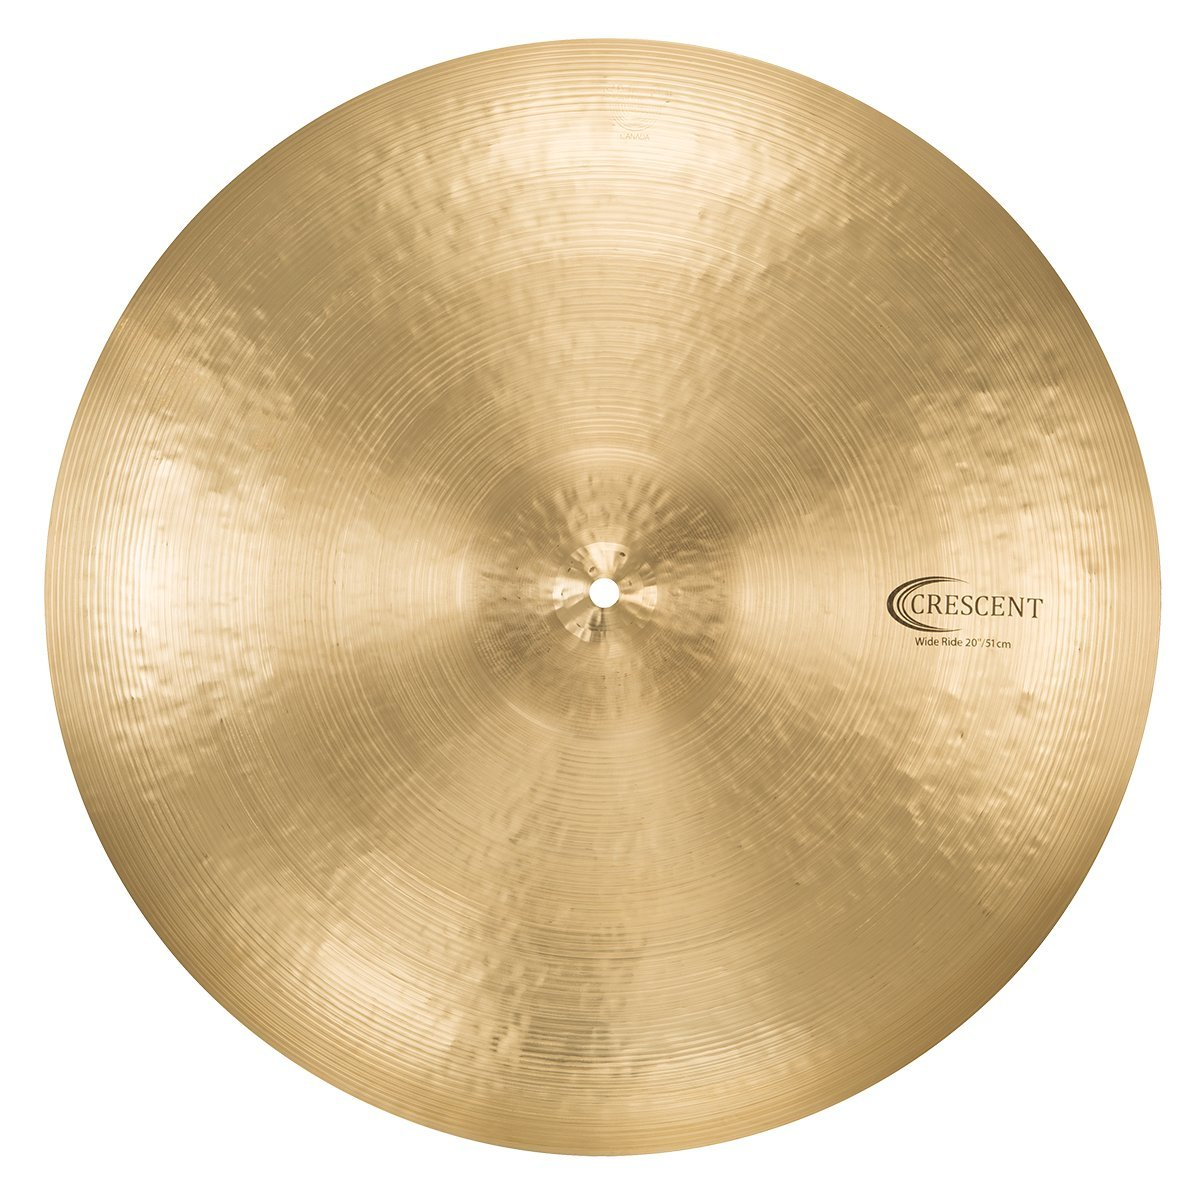 Sabian Crash Cymbal (S20R) by Sabian